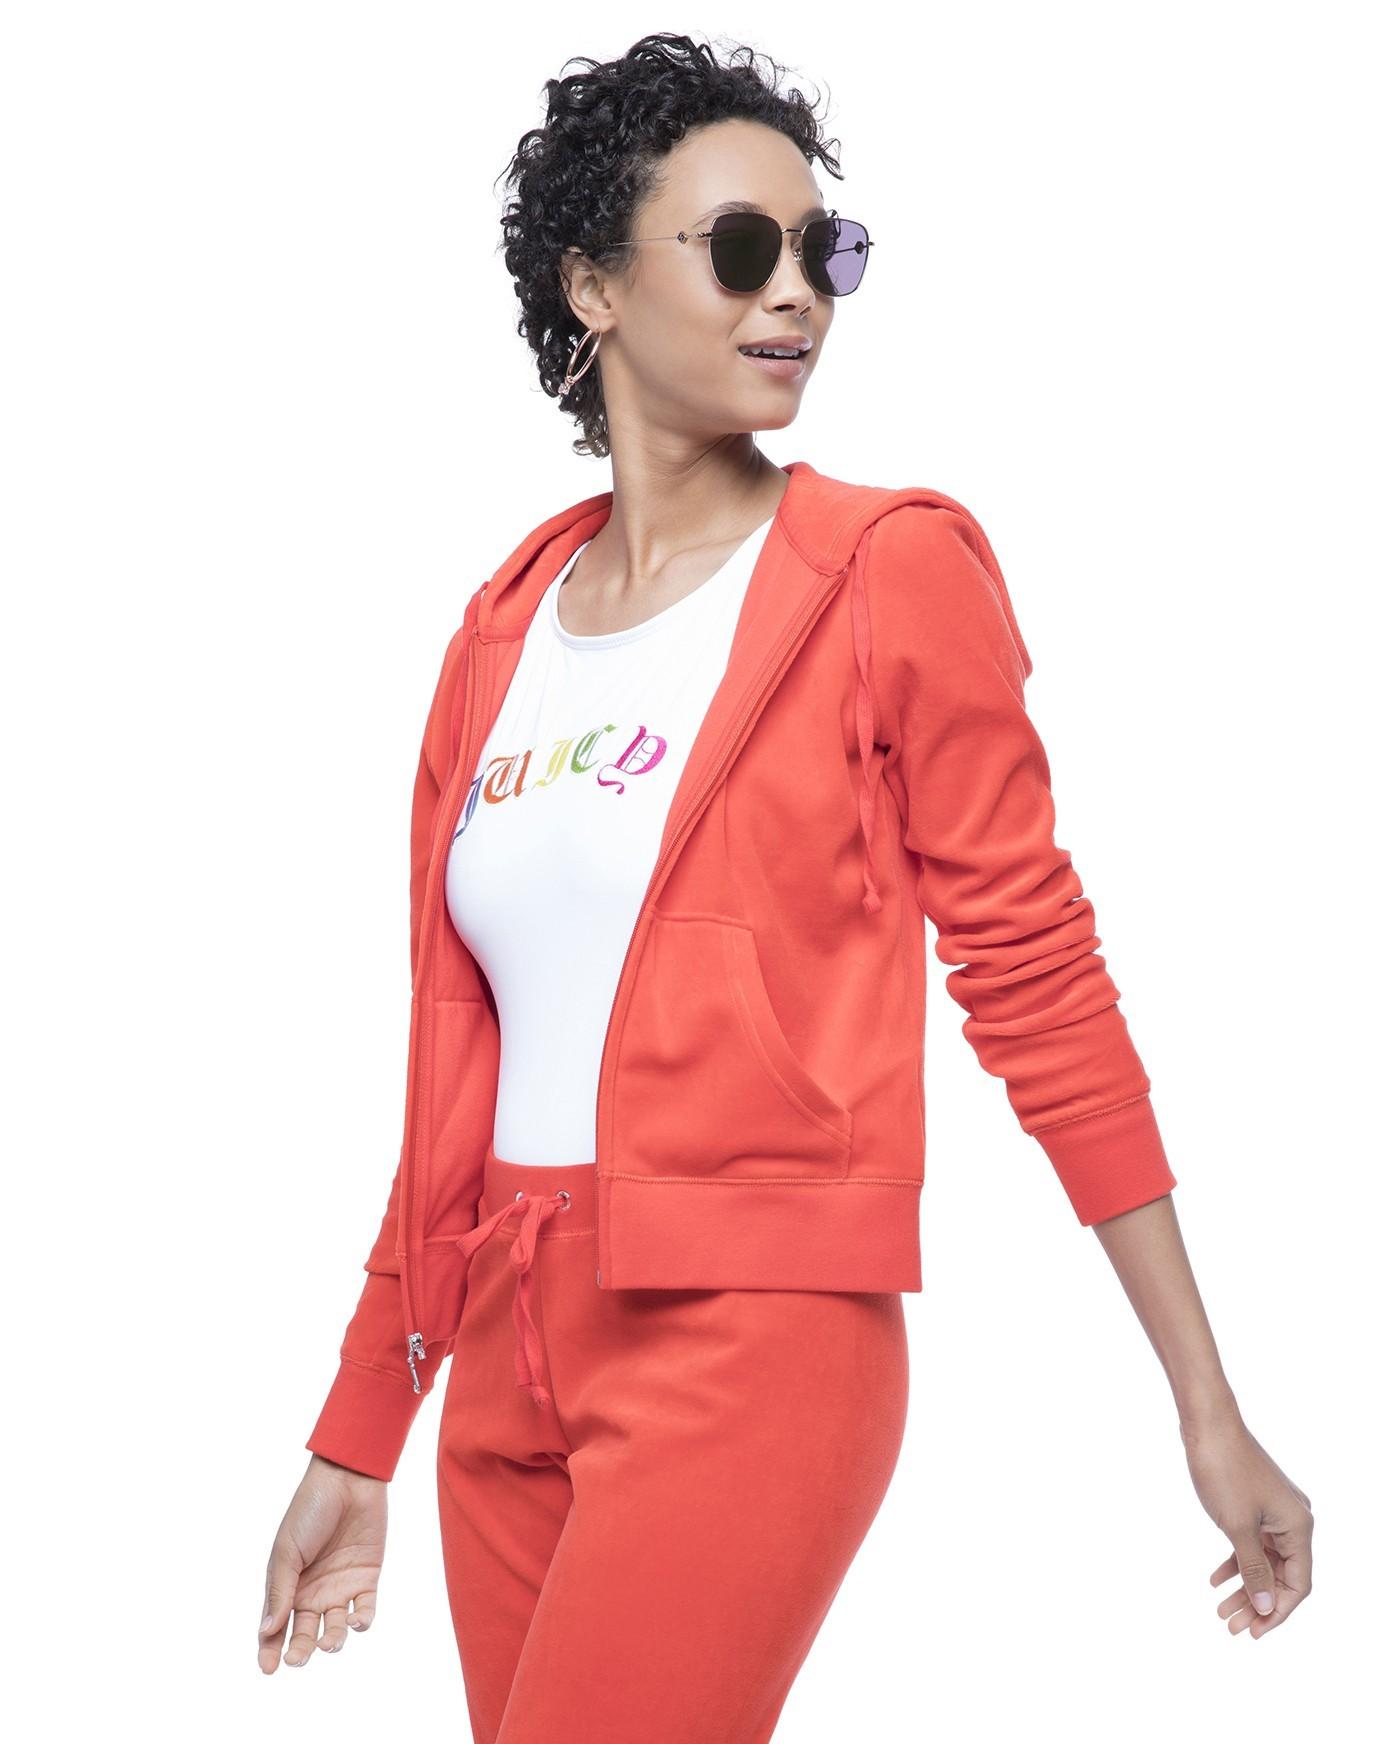 спортивный костюм женский модный 2018 2019: оранжевый велюровый